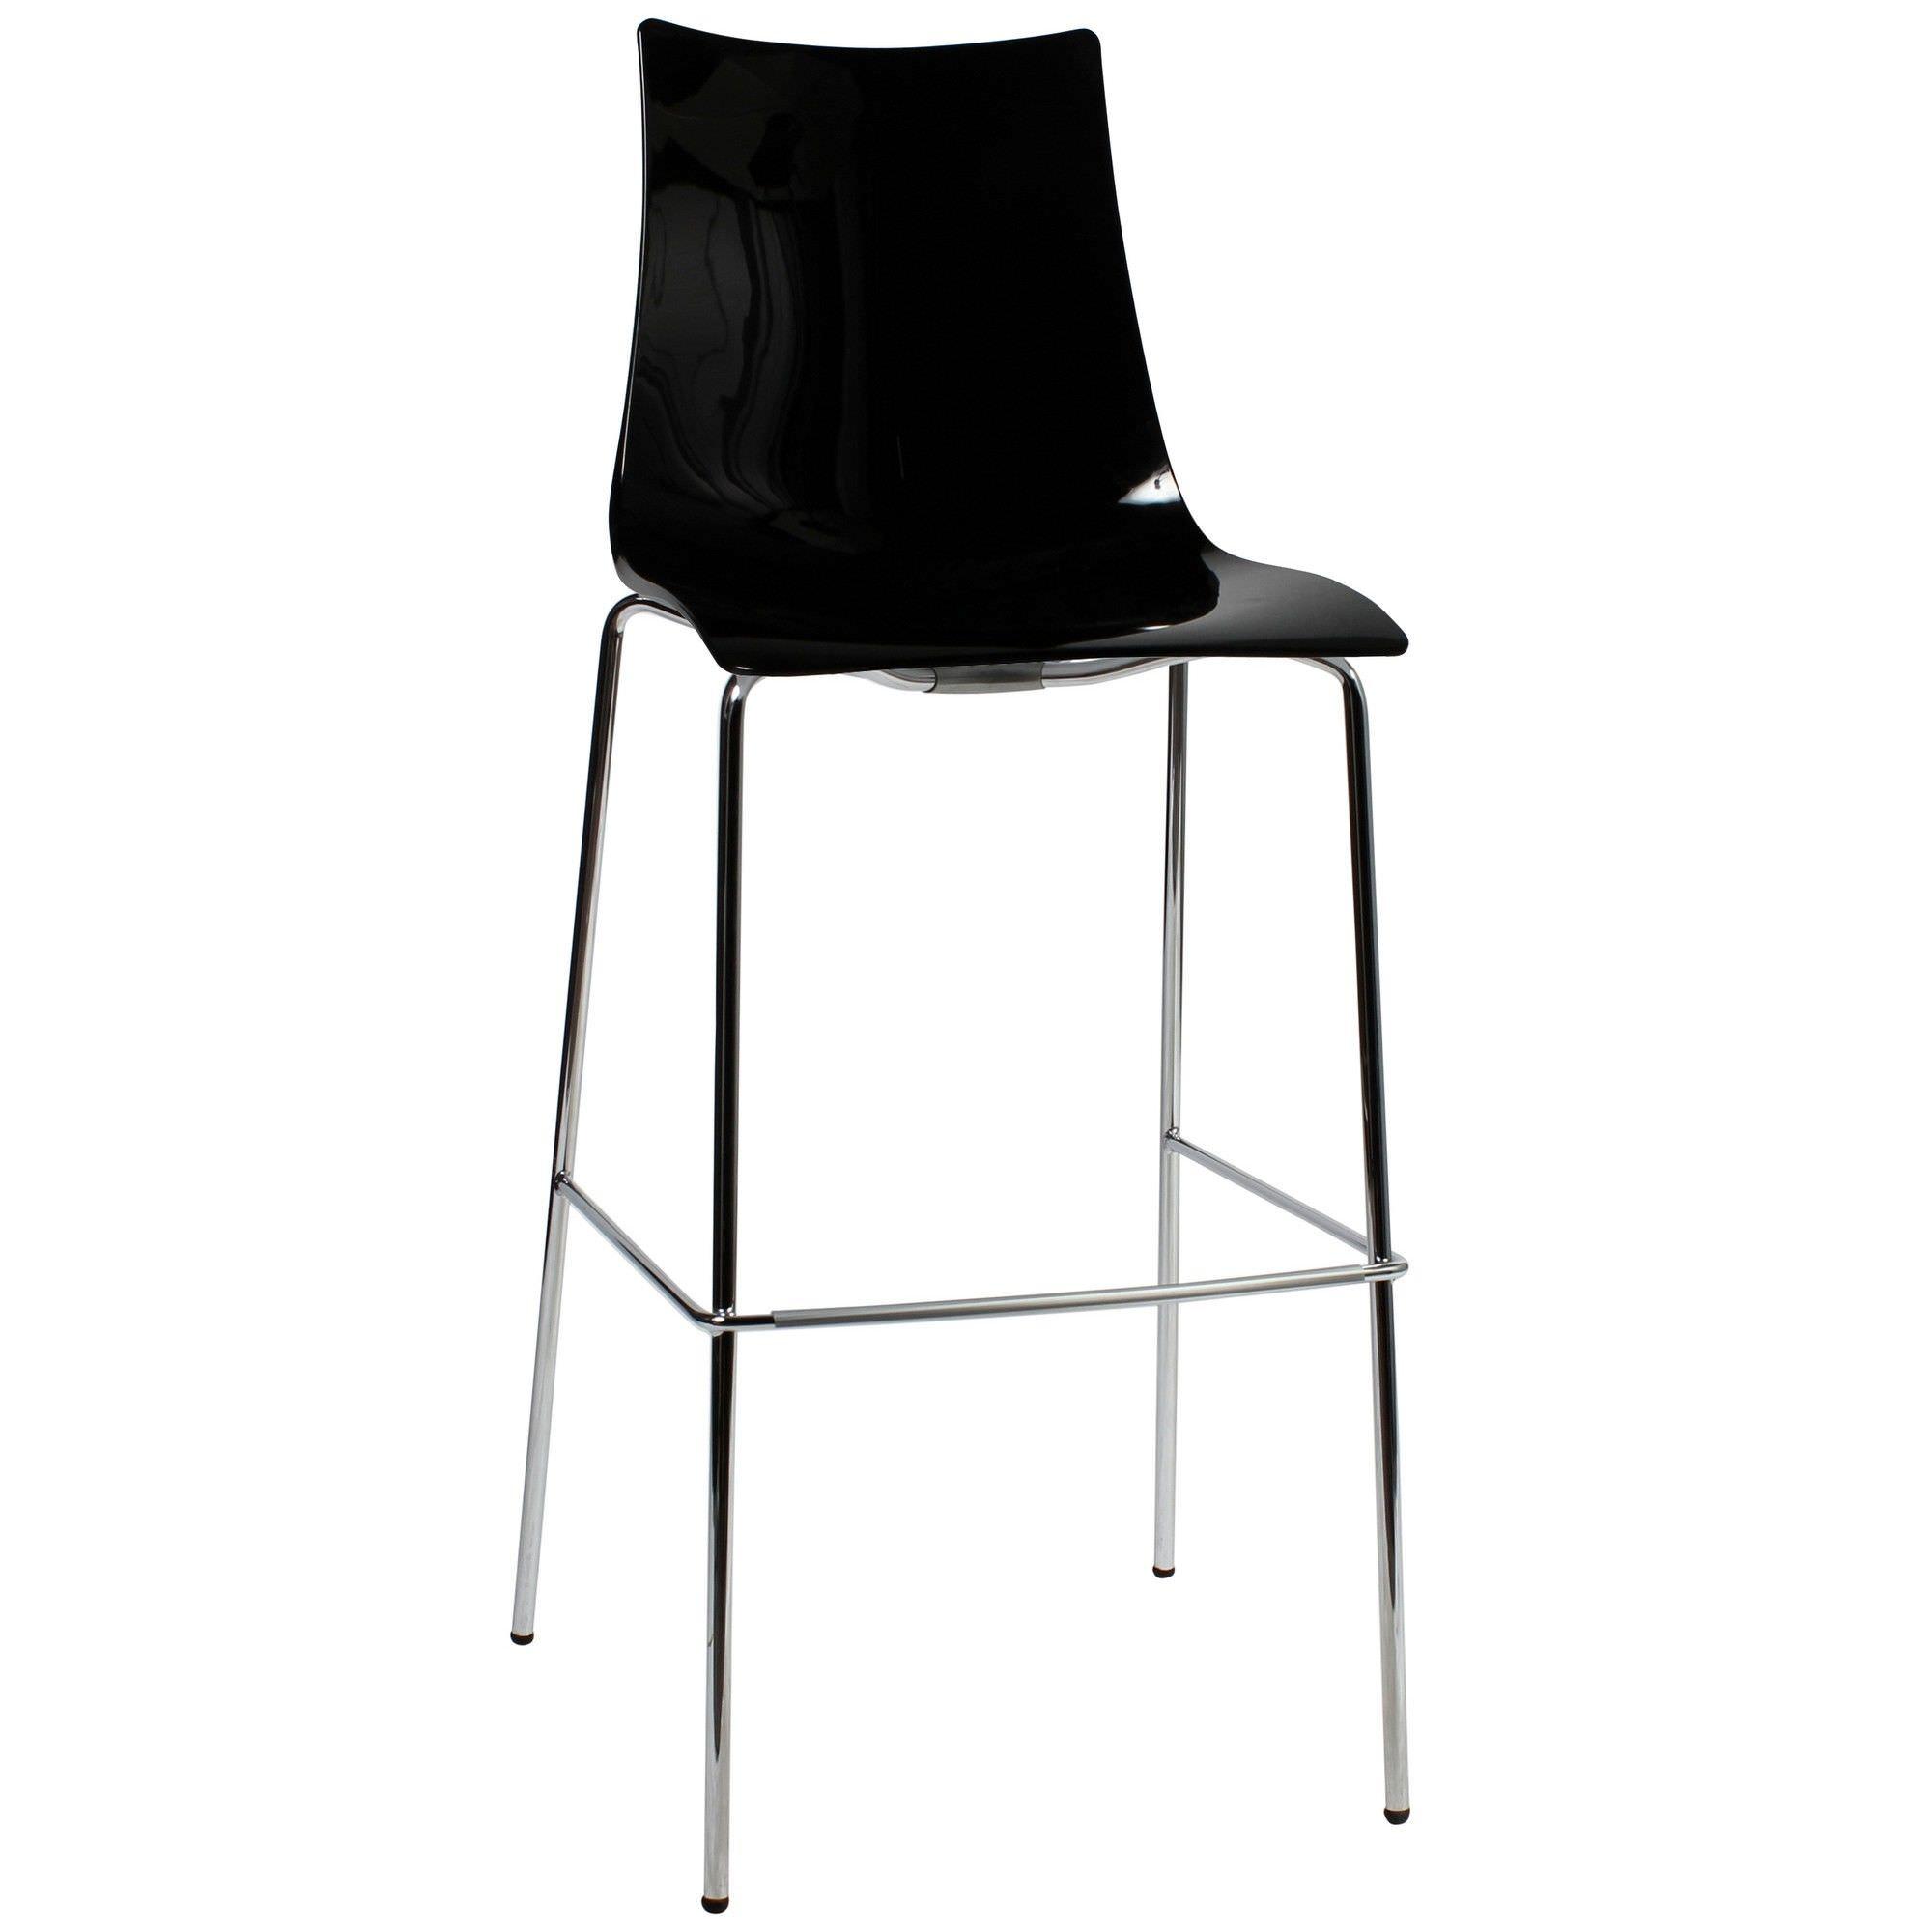 Zebra Italian Made Commercial Grade Bar Stool, Metal Leg, Black / Chrome